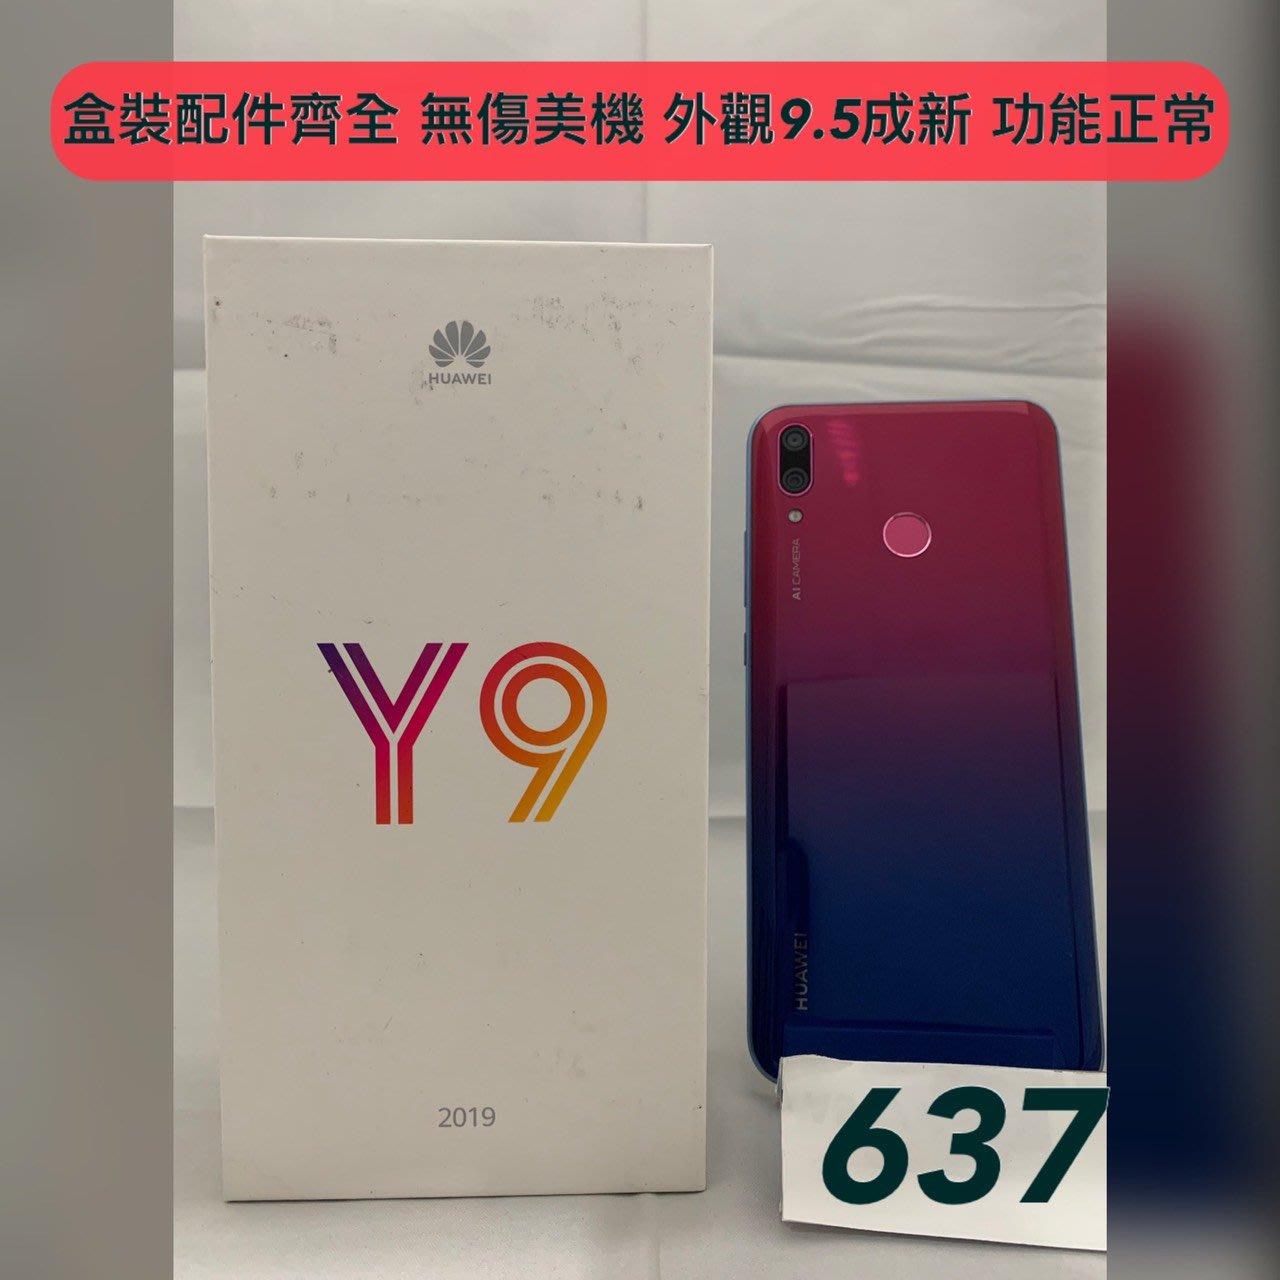 【承靜數位】二手機 華為 Y9 紫色 4+64G 外觀9.5成新 功能正常 可中古手機交換 高雄實體店面 637